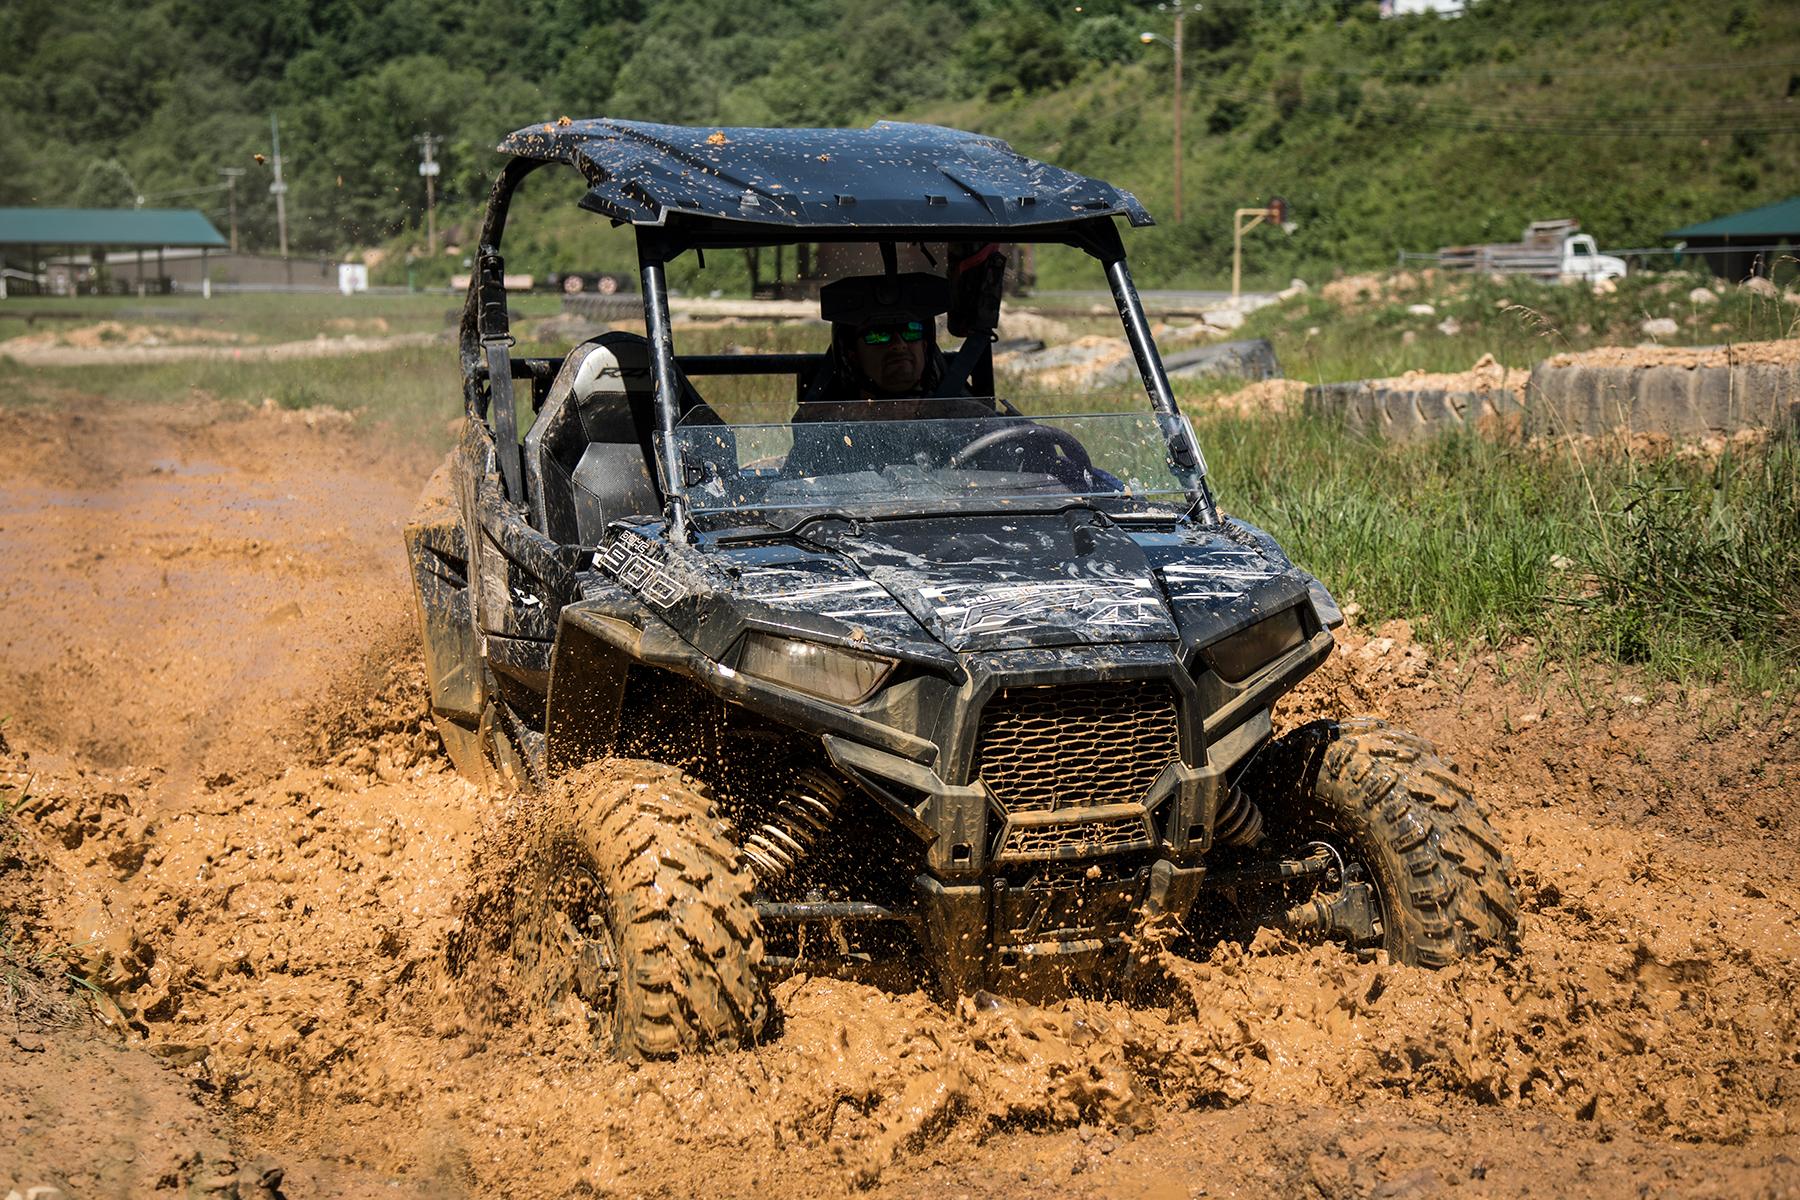 ATV Resort on Spearhead Trails